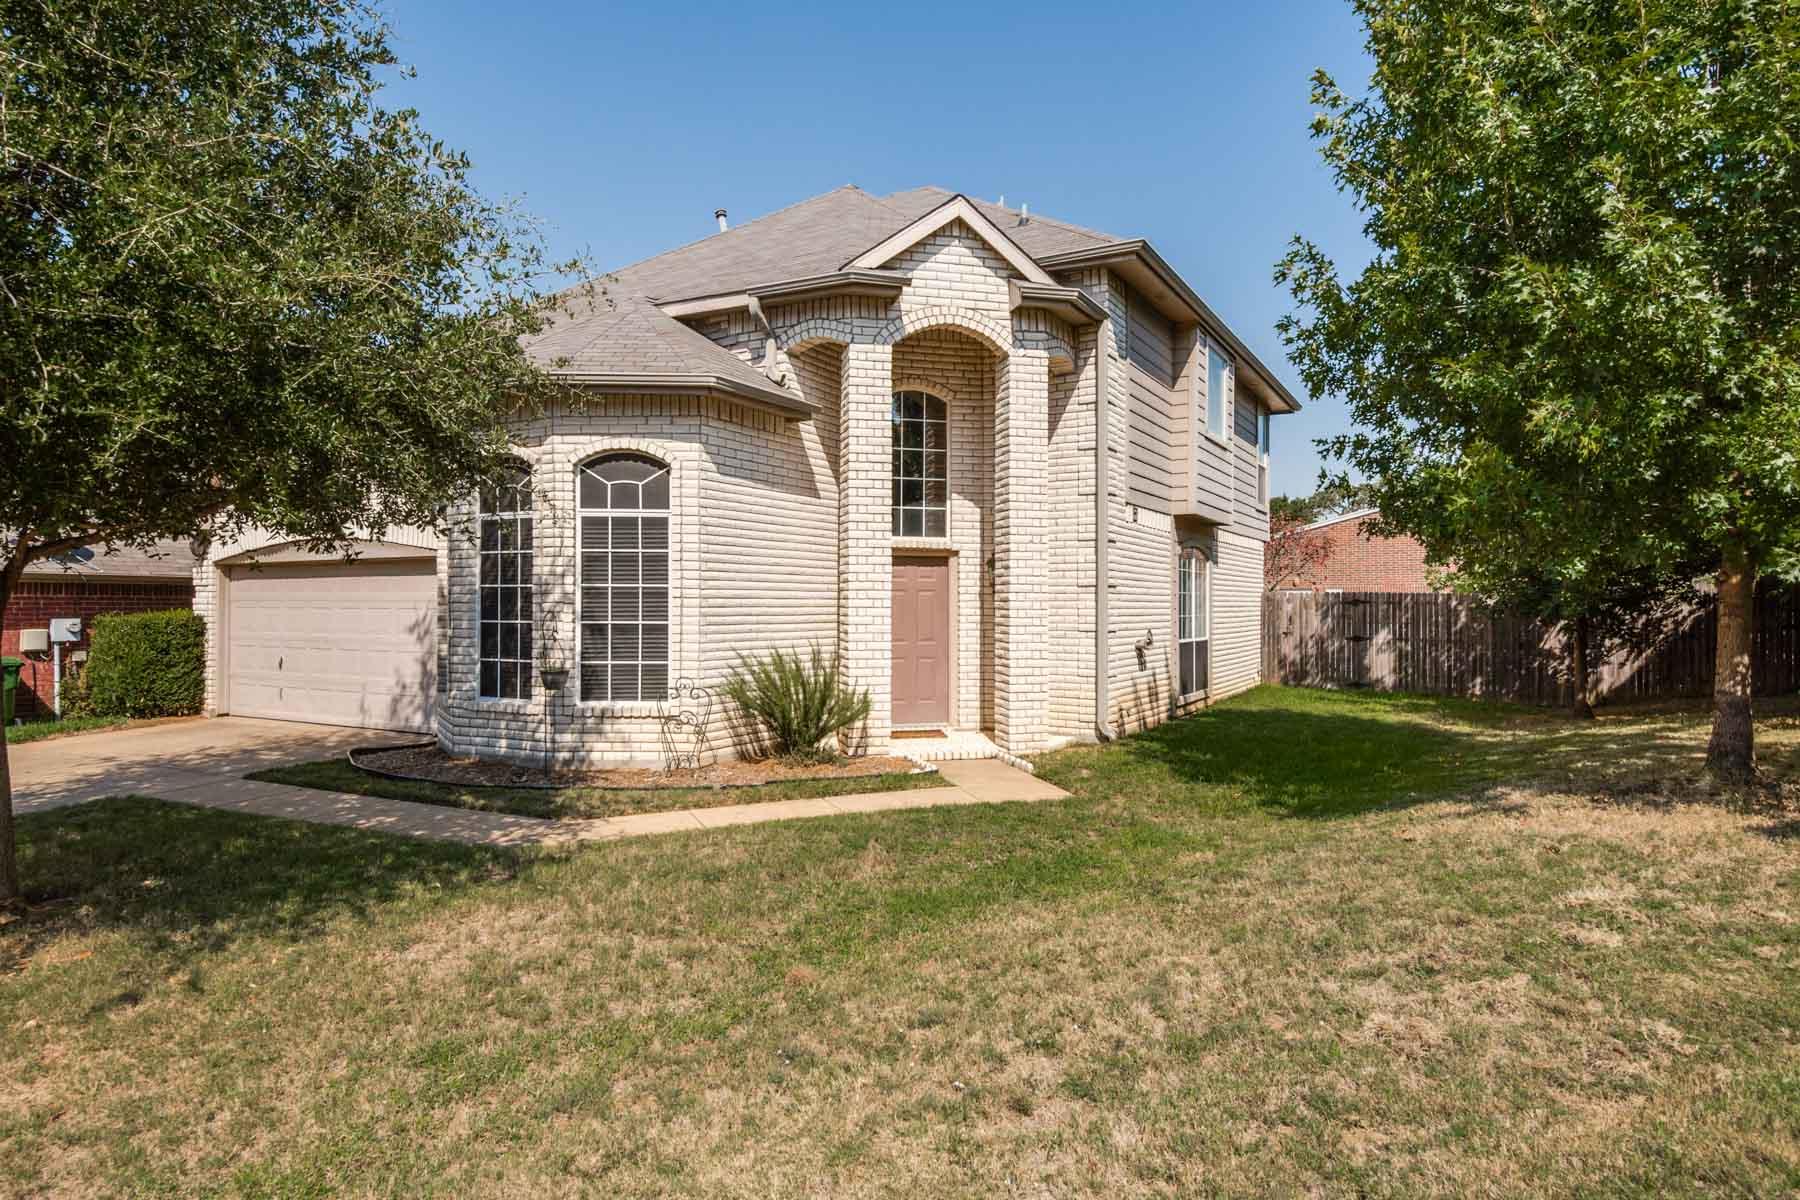 Vivienda unifamiliar por un Venta en Solid Investment Home in Flower Mound 1800 Stanton Court Flower Mound, Texas 75028 Estados Unidos